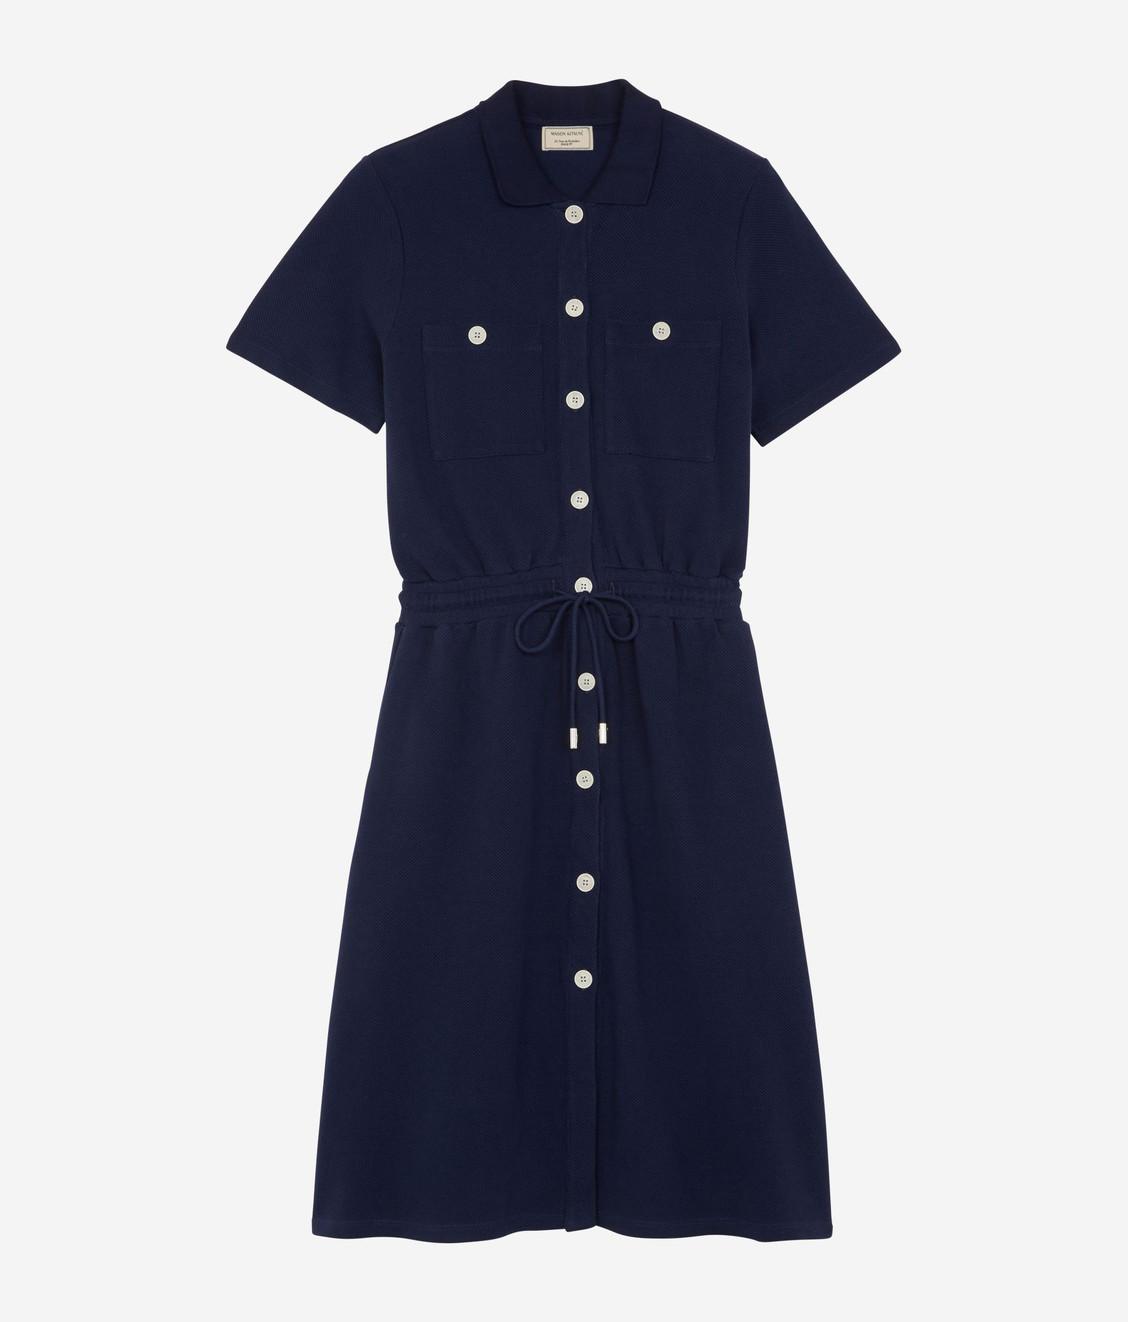 Maison Kitsune Maison Kitsune Pique Polo Dress Navy